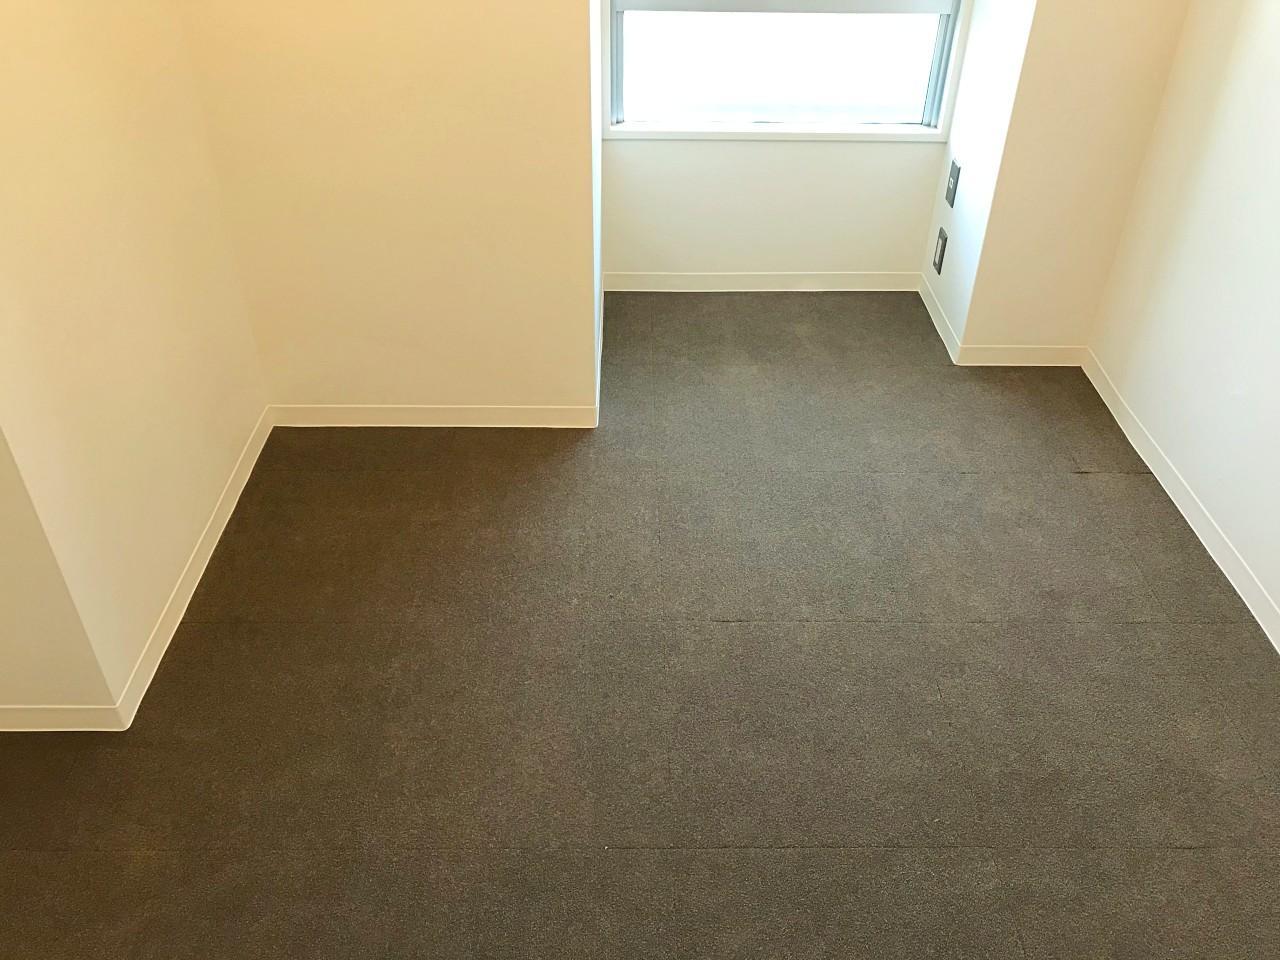 カーペット敷きの床が落ち着きます